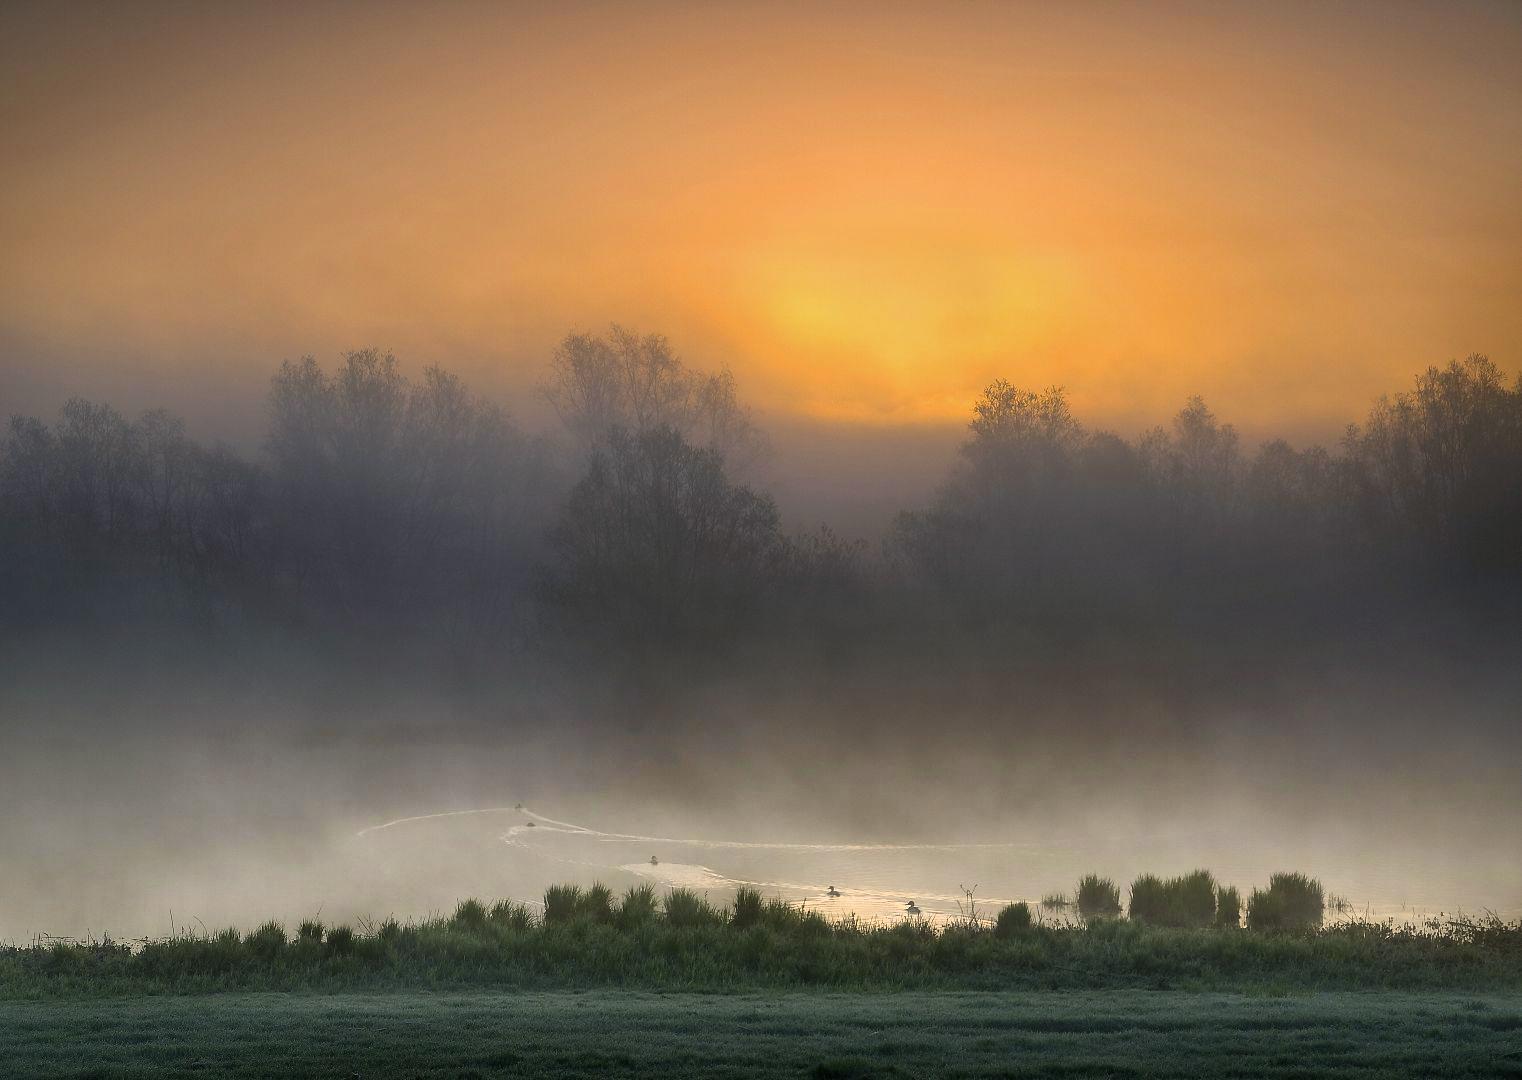 P4178533 IJssel  Eenden in de ochtend_1522x1080 2